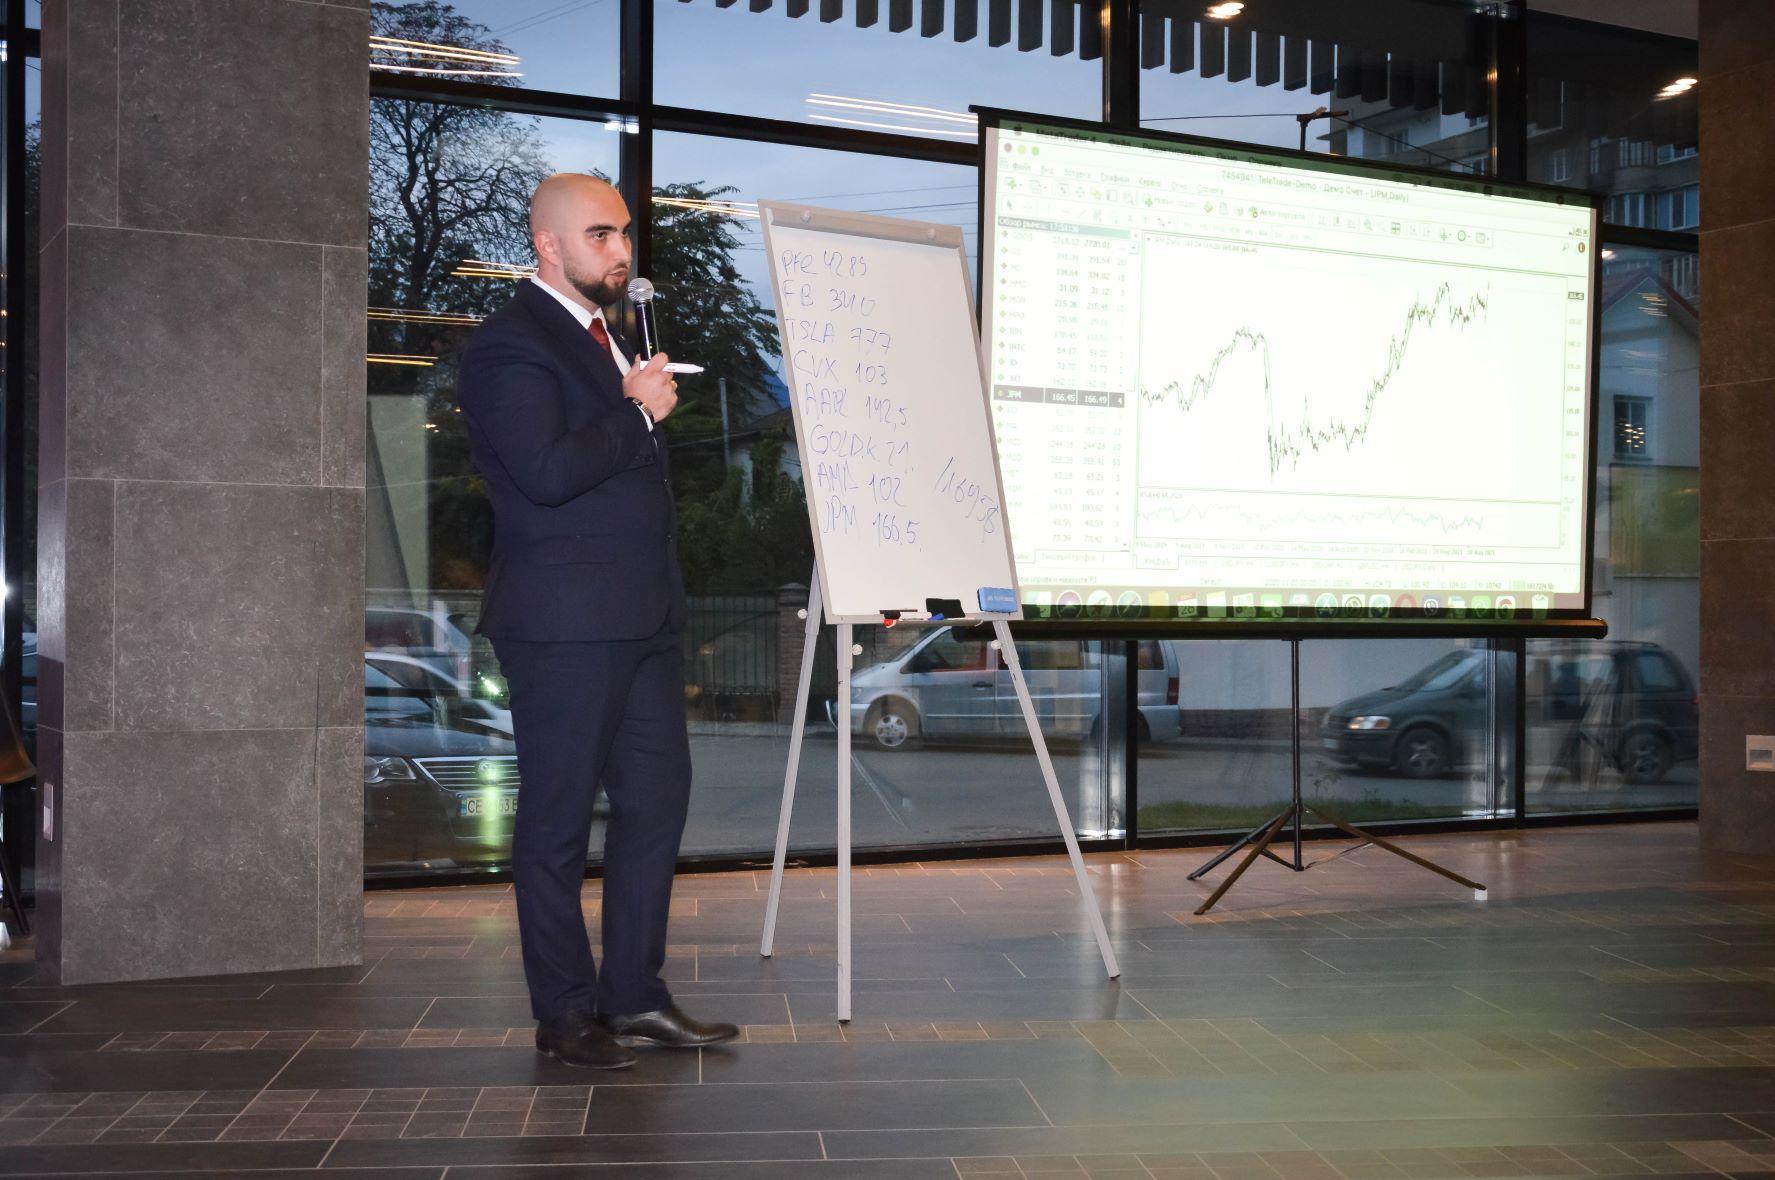 ЦБТ провів актуальну дискусійну панель в Чернівцях - 16 фото